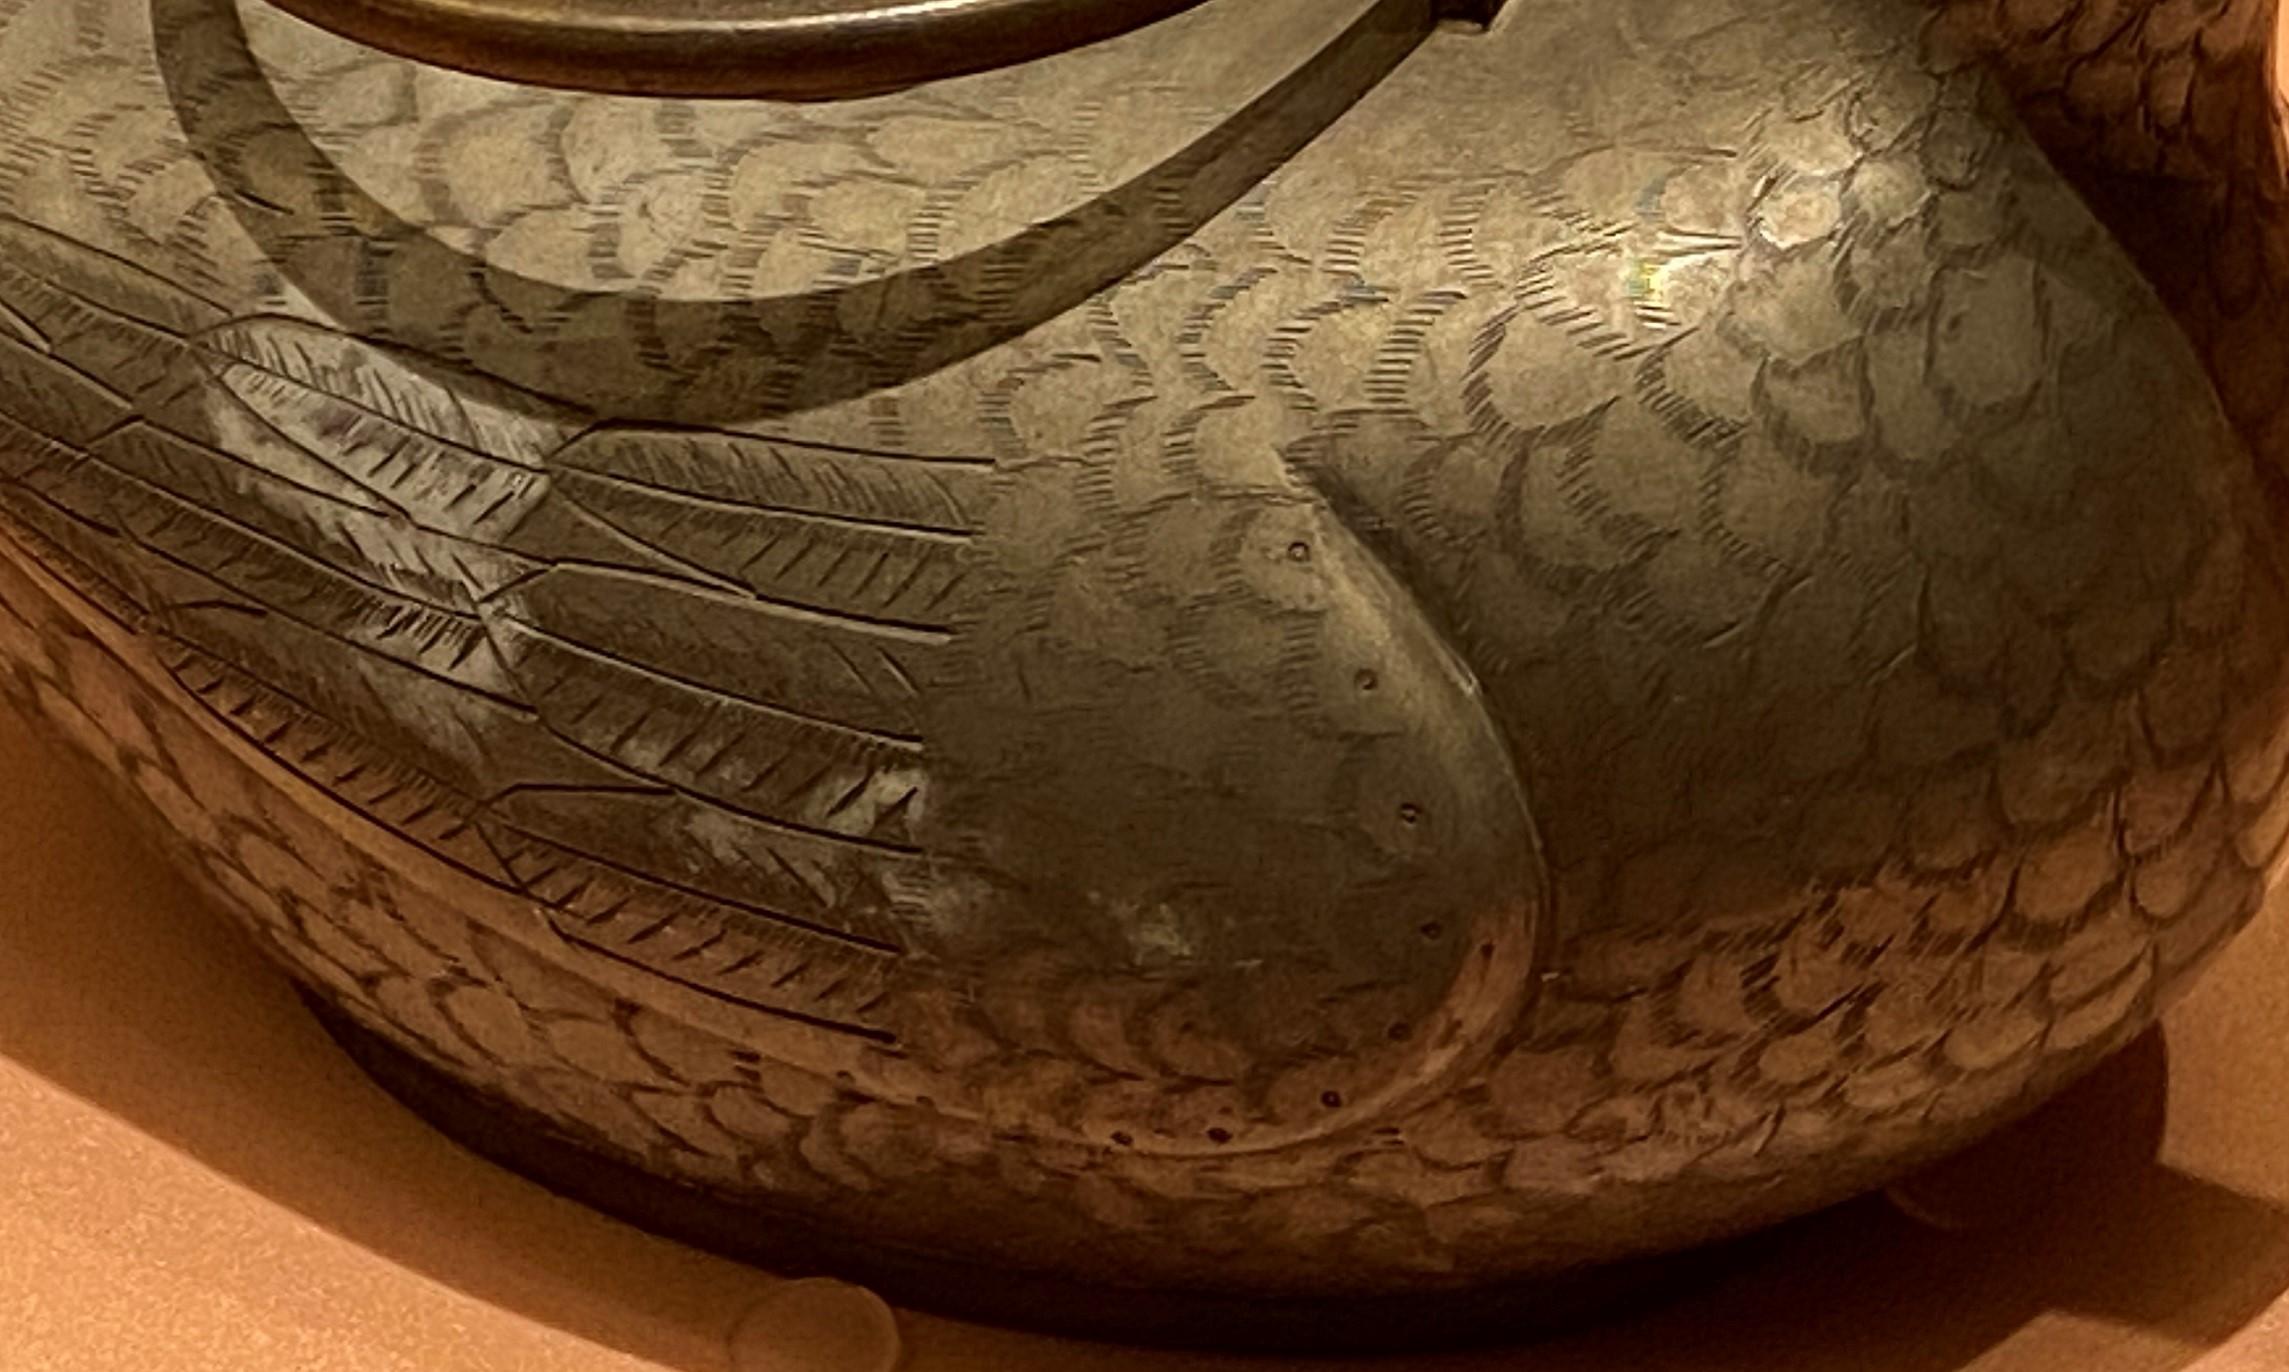 鴨形錫茶壺-清時代-特別展【食味人間】四川博物院・中国国家博物館